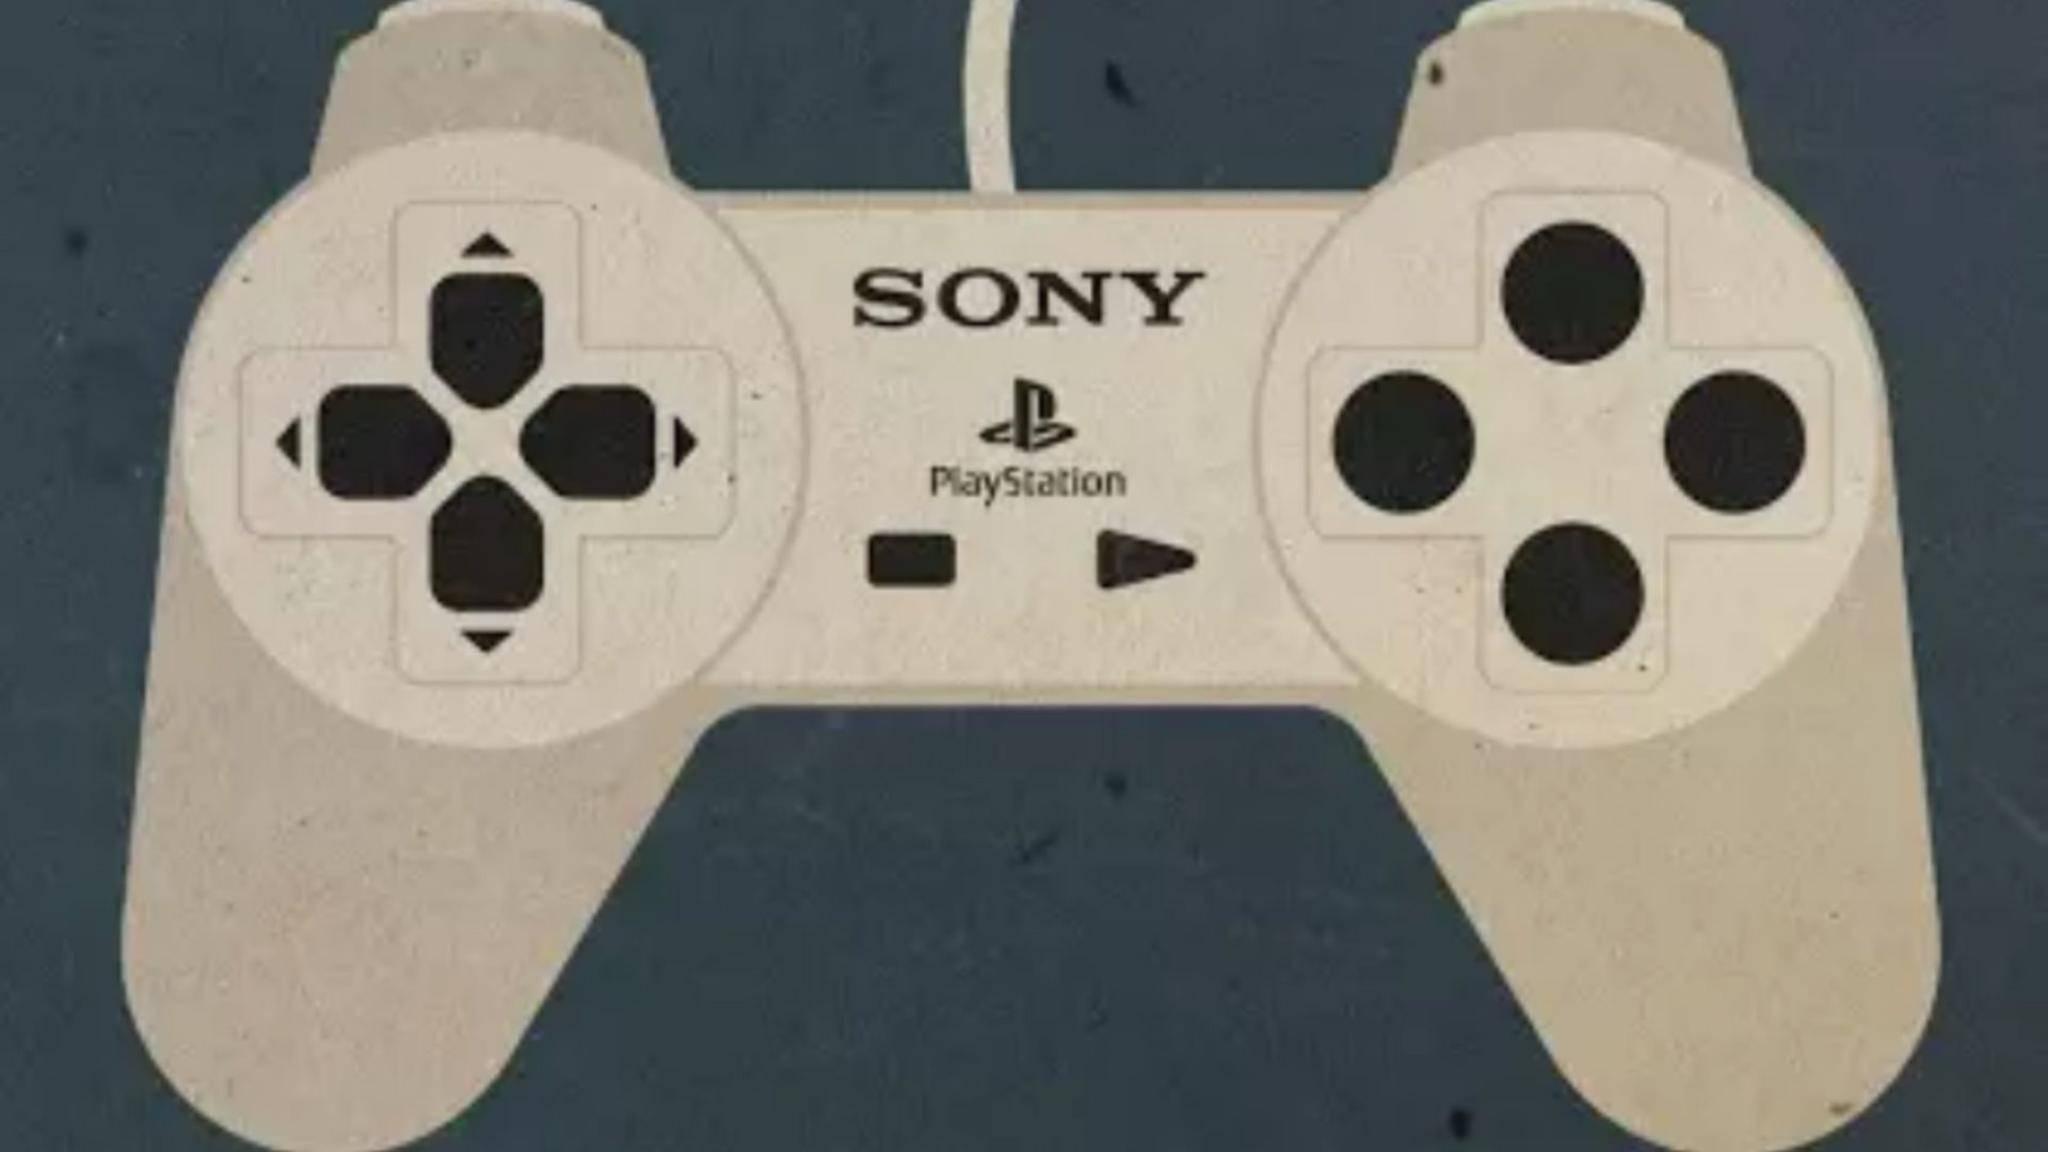 Xperia-Besitzer dürfen sich über ein neues PlayStation-Theme freuen.